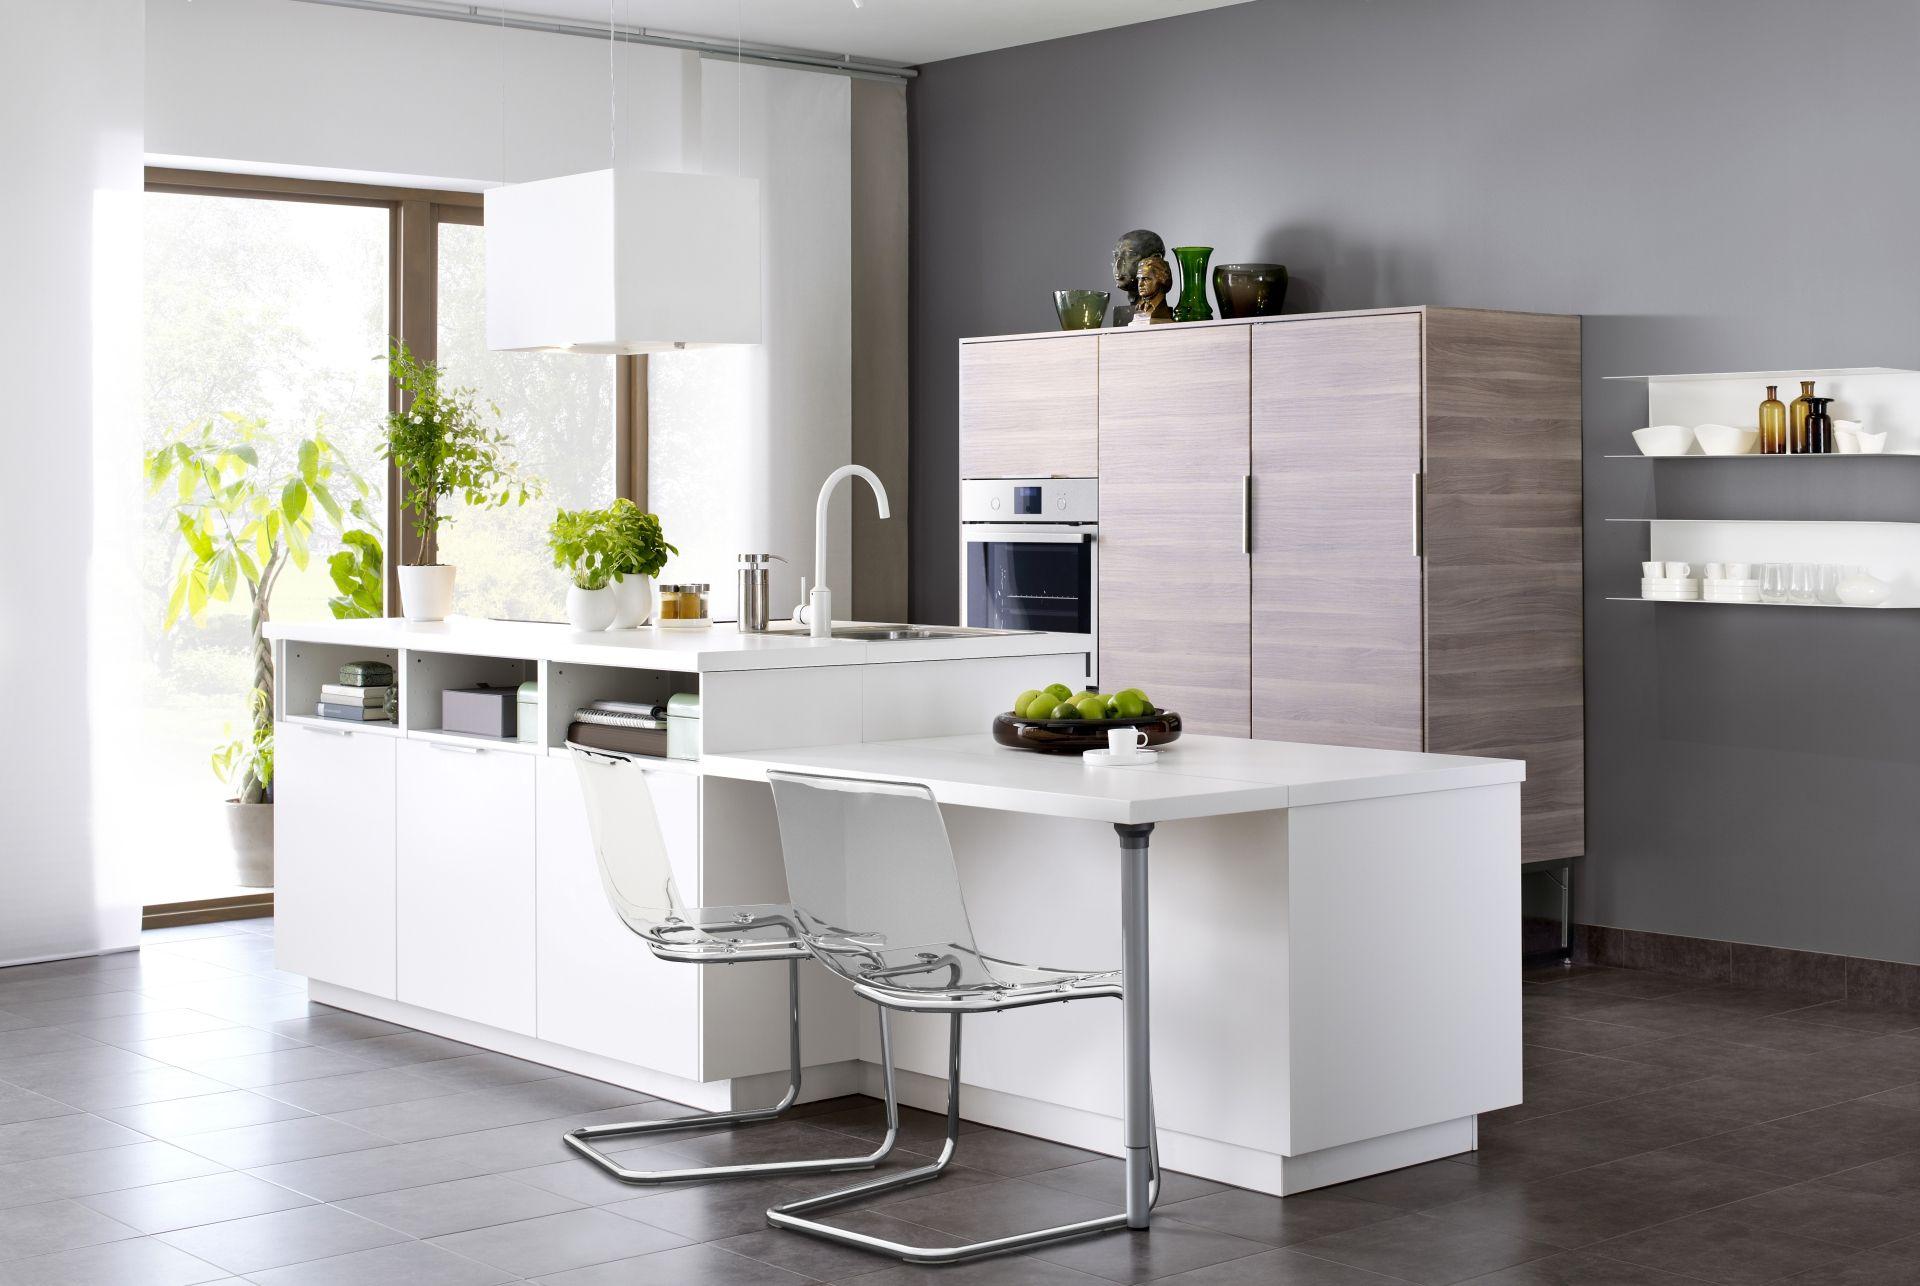 Metod keuken met een modern kookeiland ikea ikeanl for Metod keuken